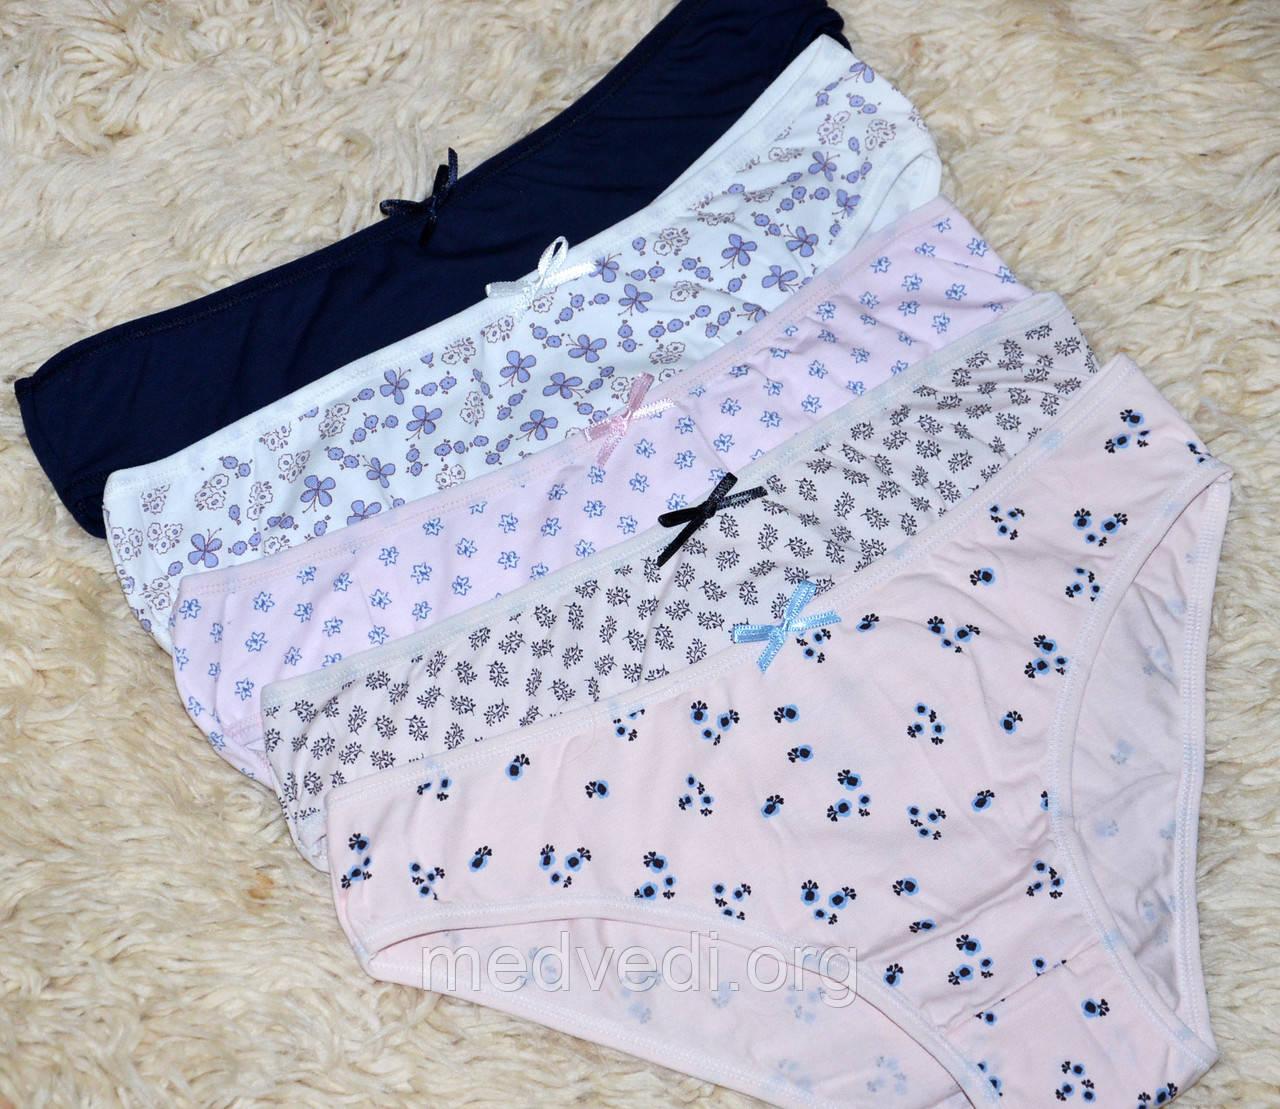 Набор женских трусов, комплект из 5 штук, хлопок, Турция размер M, синие, розовые, сиреневые, белые, бежевые